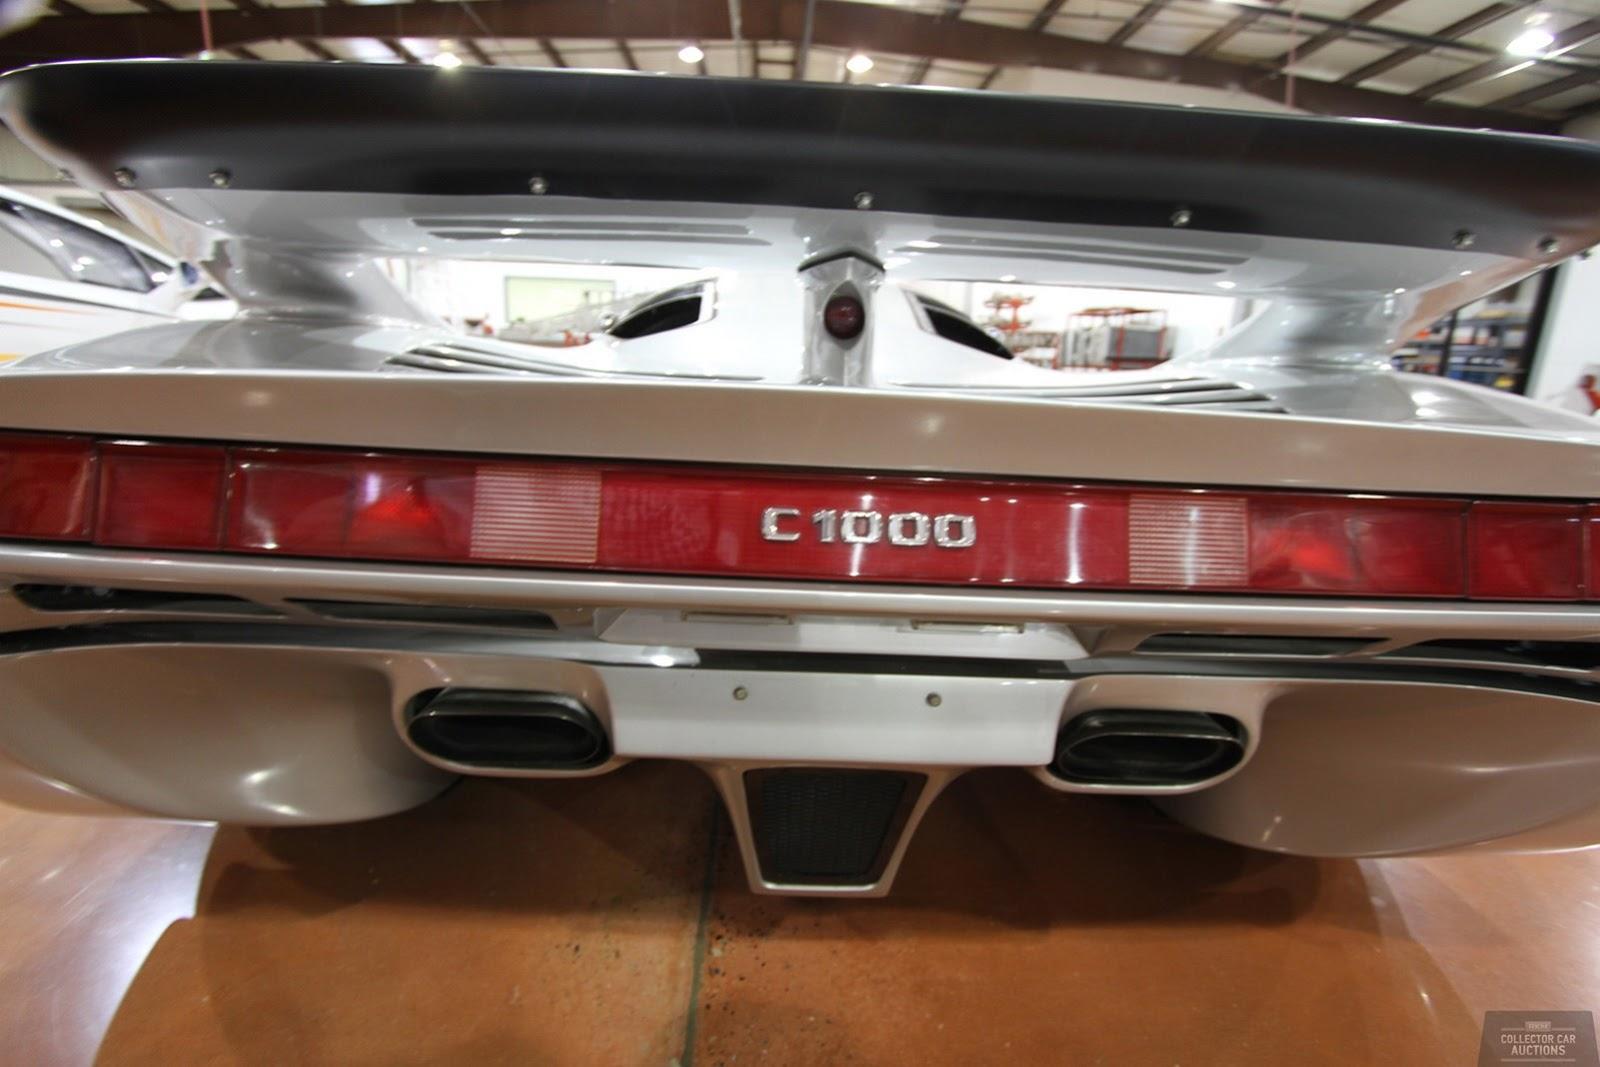 1995-Lotec-Mercedes-Benz-C1000-20%25255B2%25255D.jpg